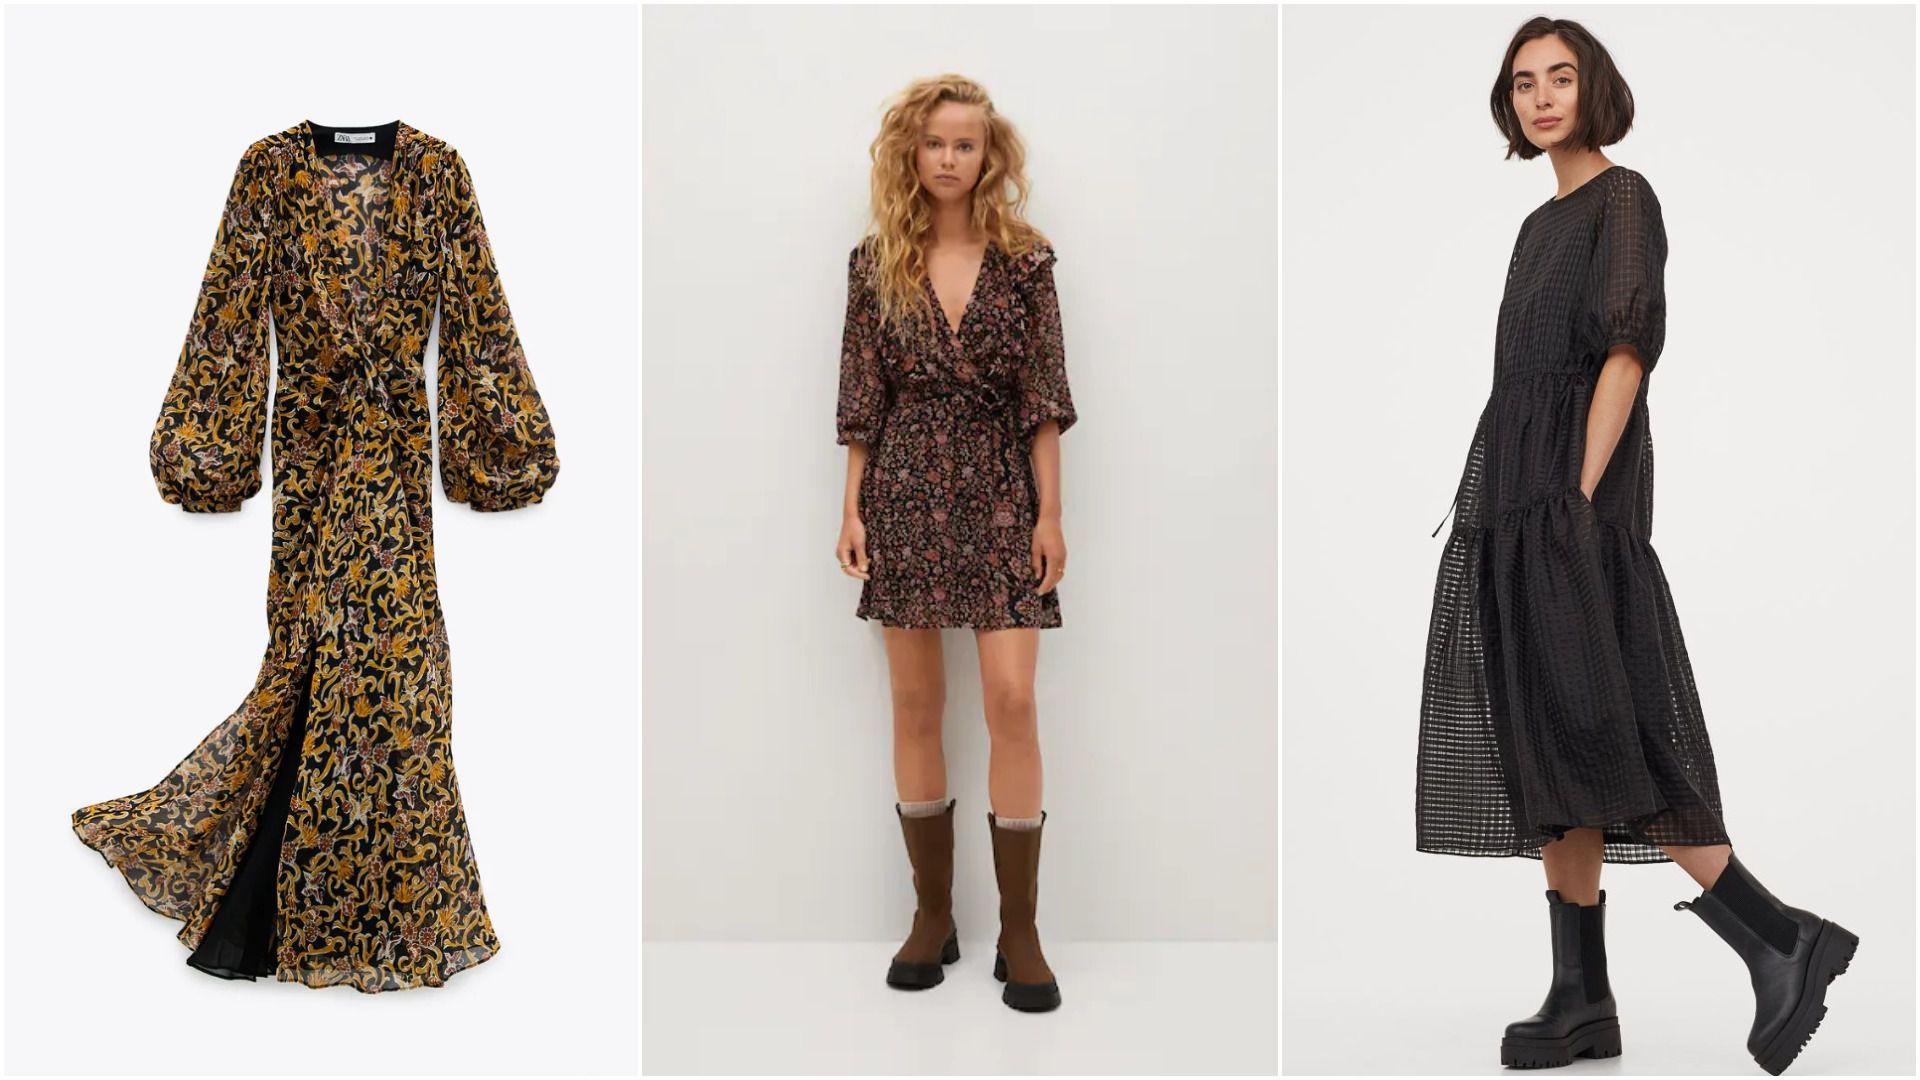 Najljepše haljine iz novih kolekcija koje ćemo ove jeseni nositi u kombinaciji s čizmama i gležnjačama